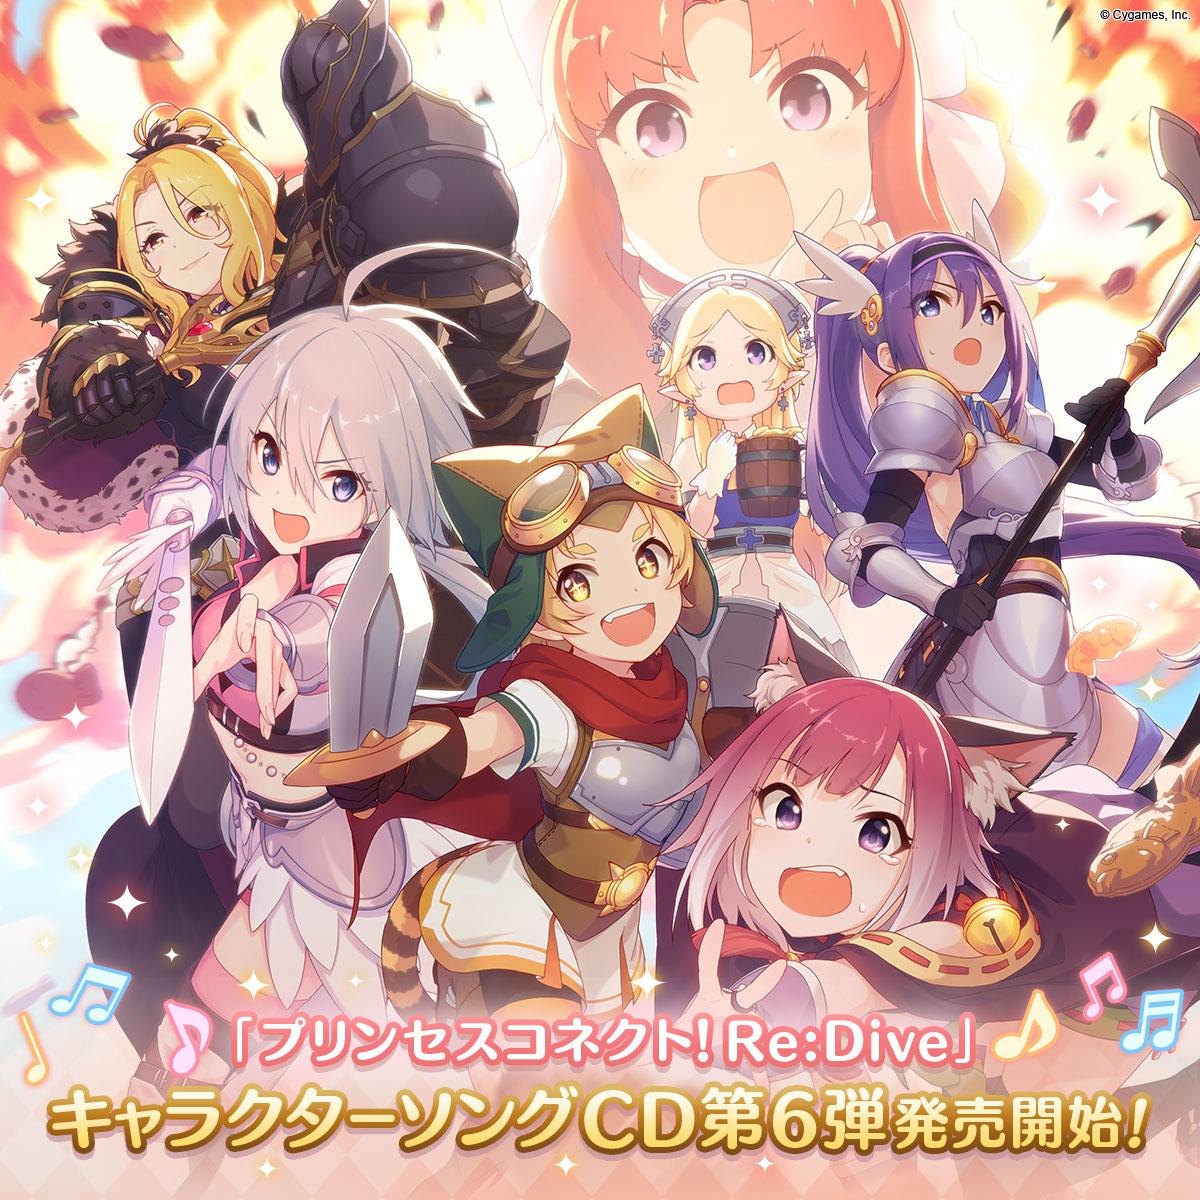 「プリンセスコネクト!Re:Dive」キャラクターソングCD第6弾発売開始のお知らせ